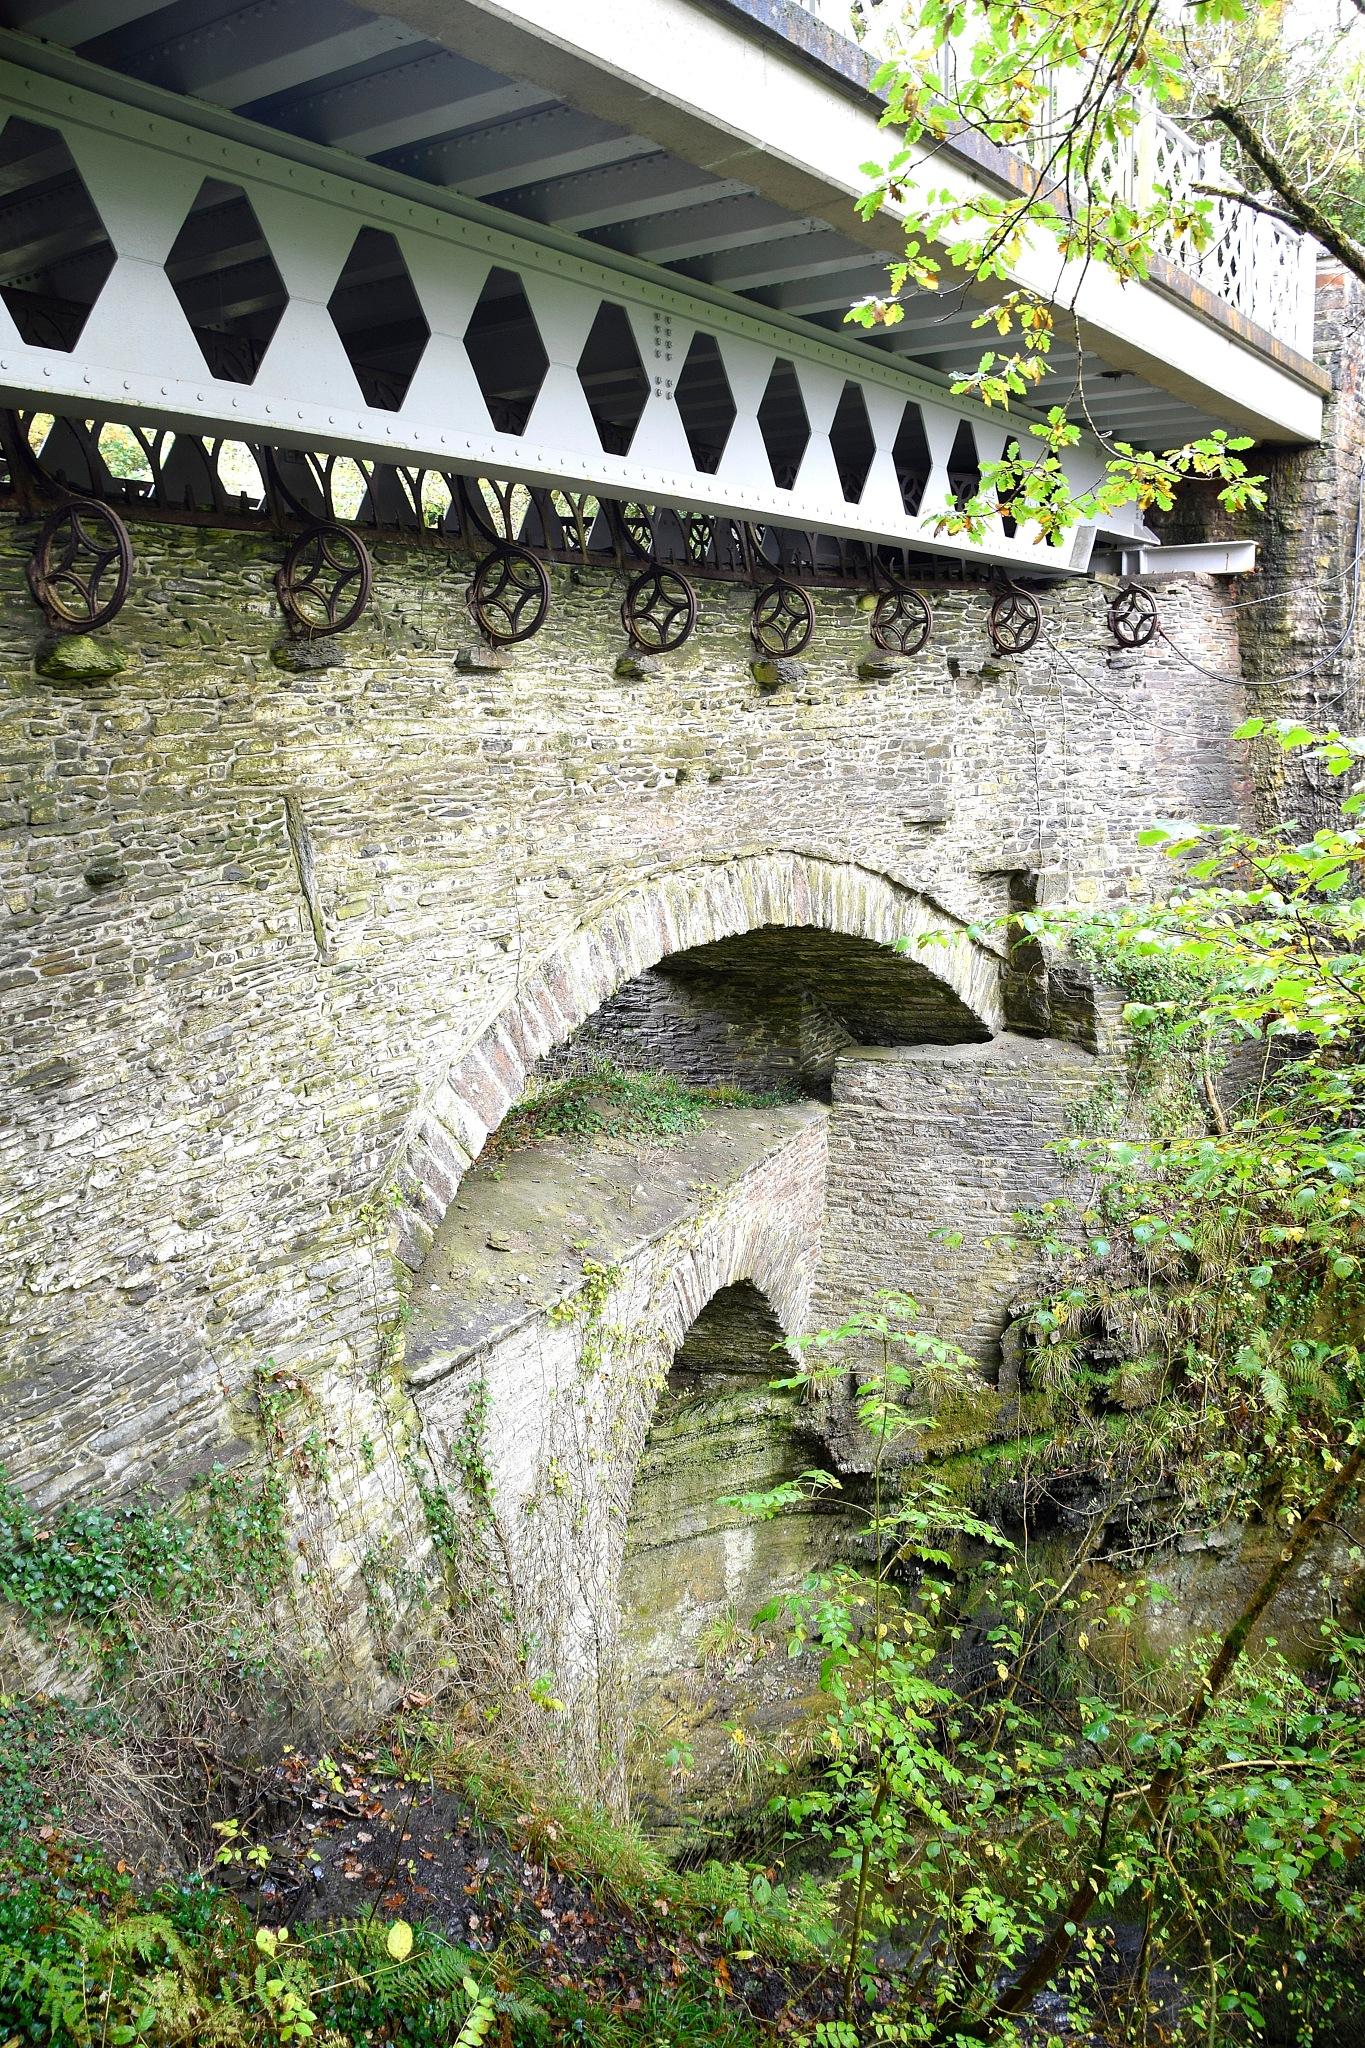 Devil's Bridge by cliff.edmundson.3